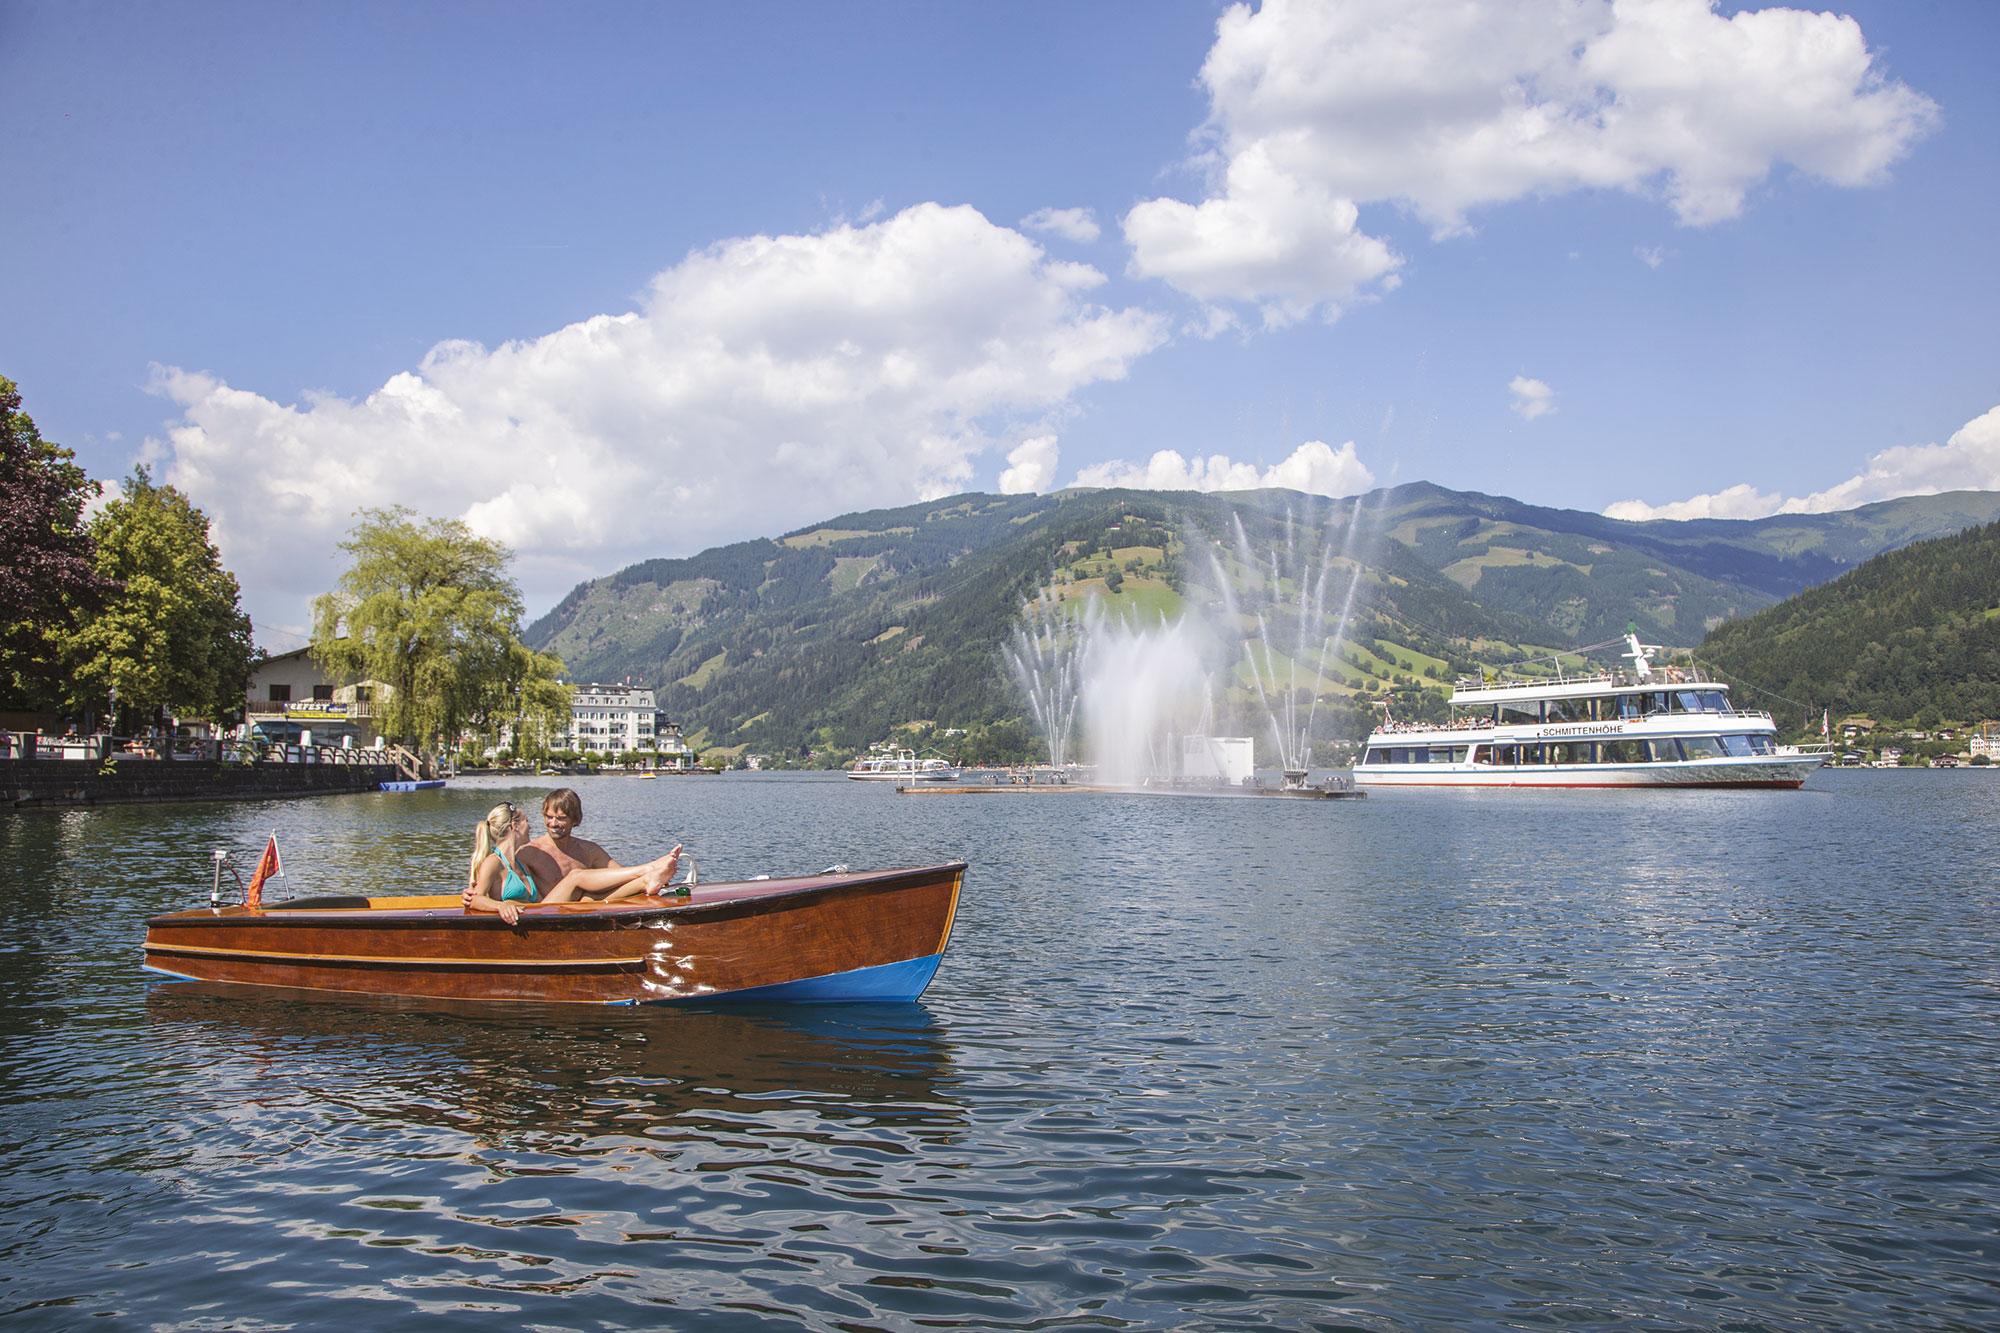 © Zell am See-Kaprun Tourismus Nikolaus, Faistauer Photography